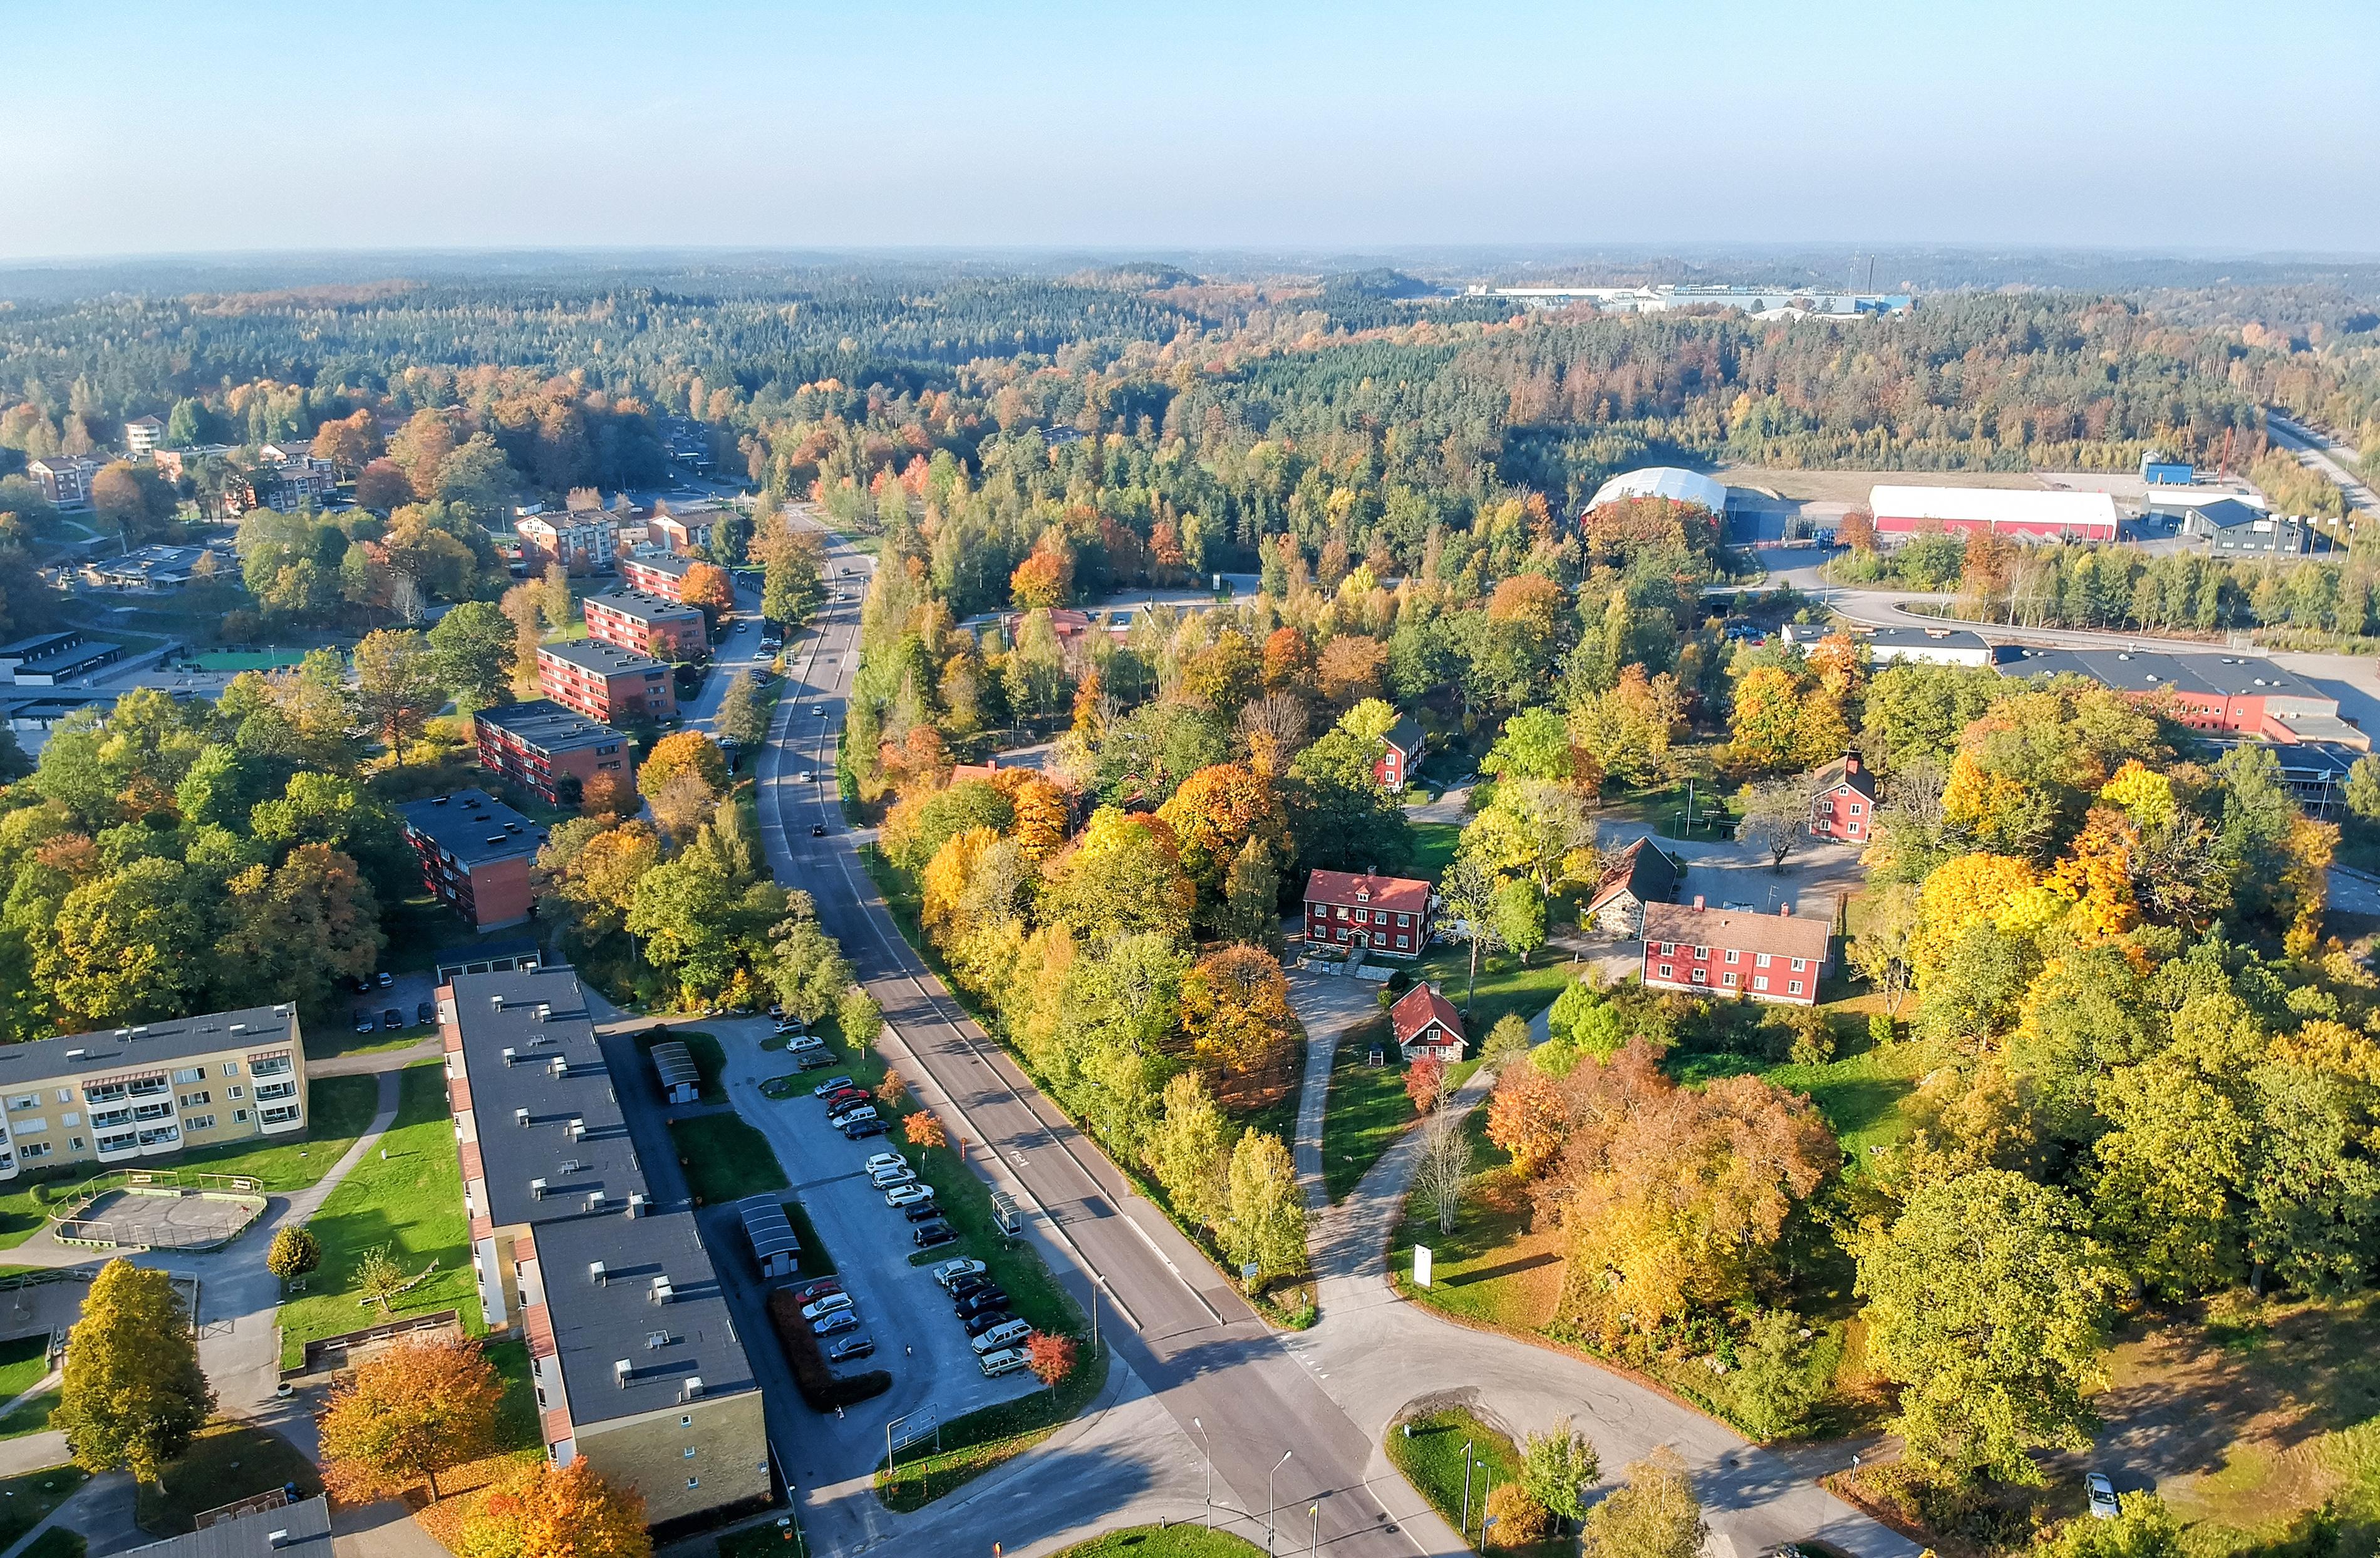 Effiziente Zählerinfrastruktur durch NB-IoT und SaaS: Von den Smart-Metering-Pionieren lernen